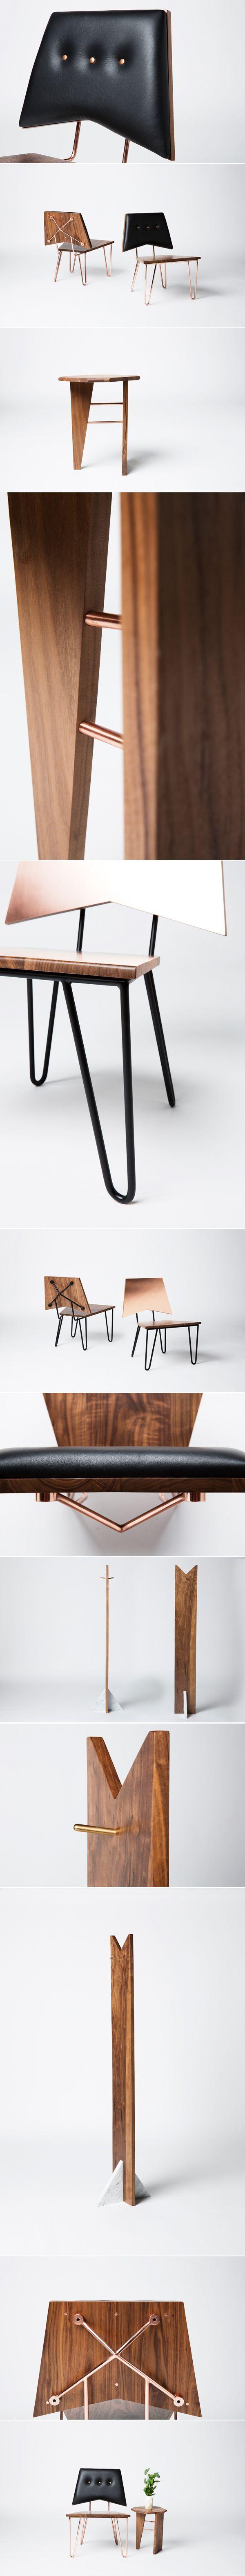 Handmade Furniture by Levi Christiansen via iamthelab.com